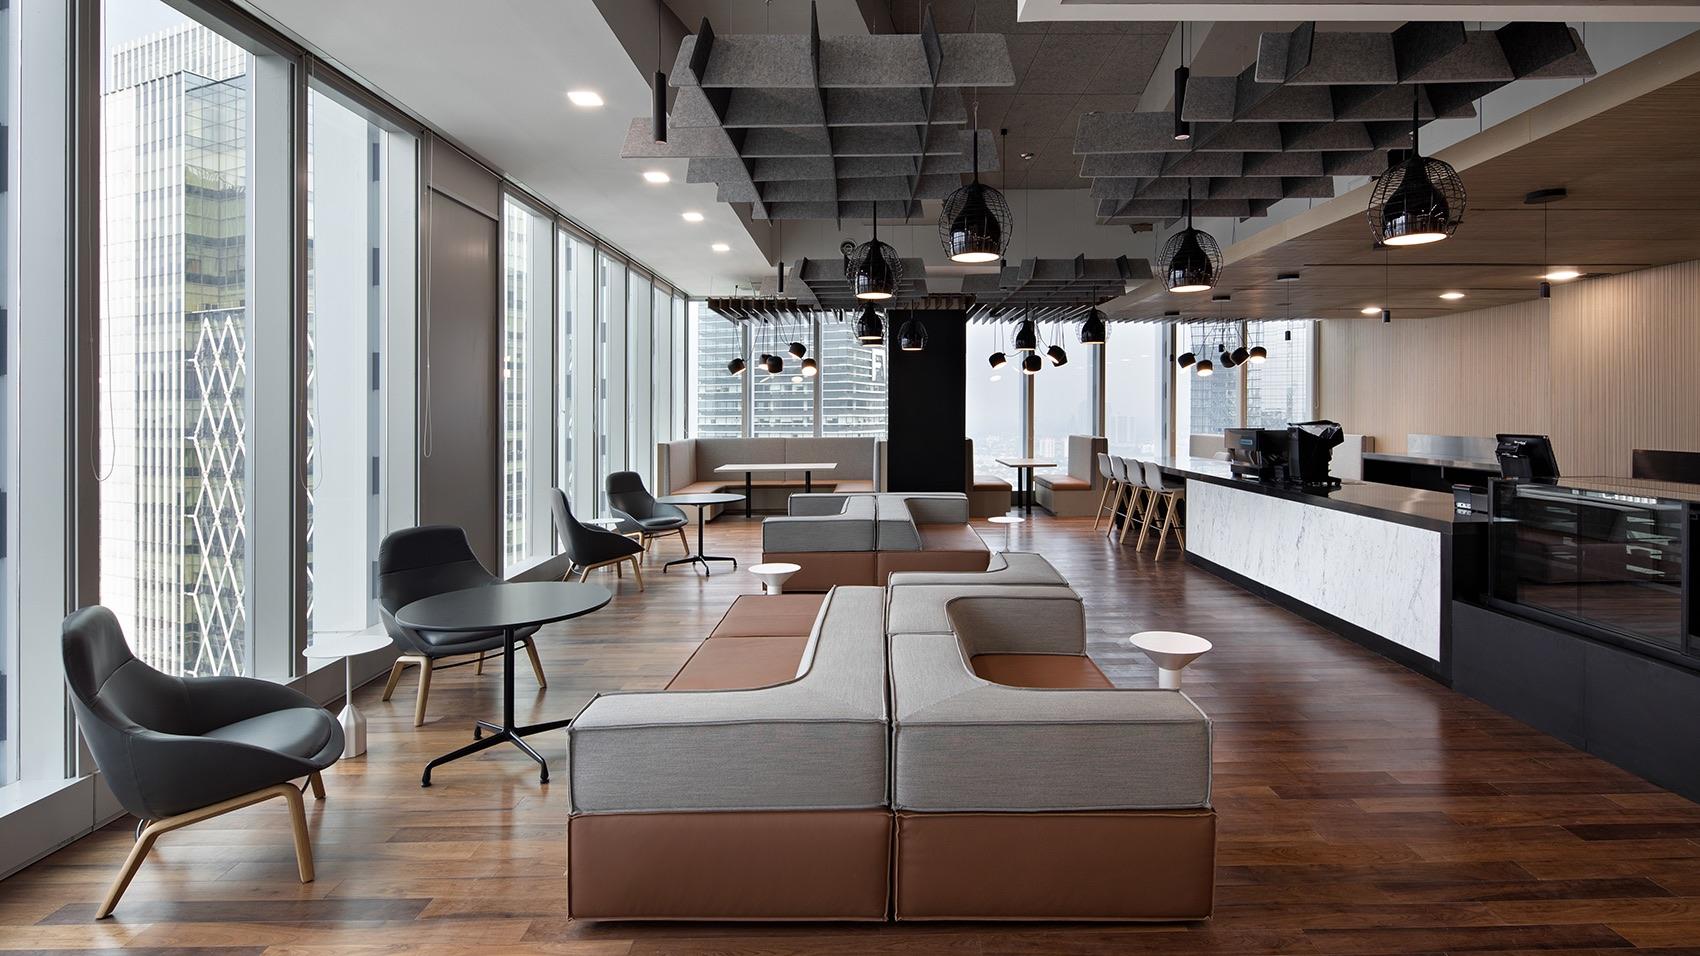 gunung-sewu-group-jakarta-office-15